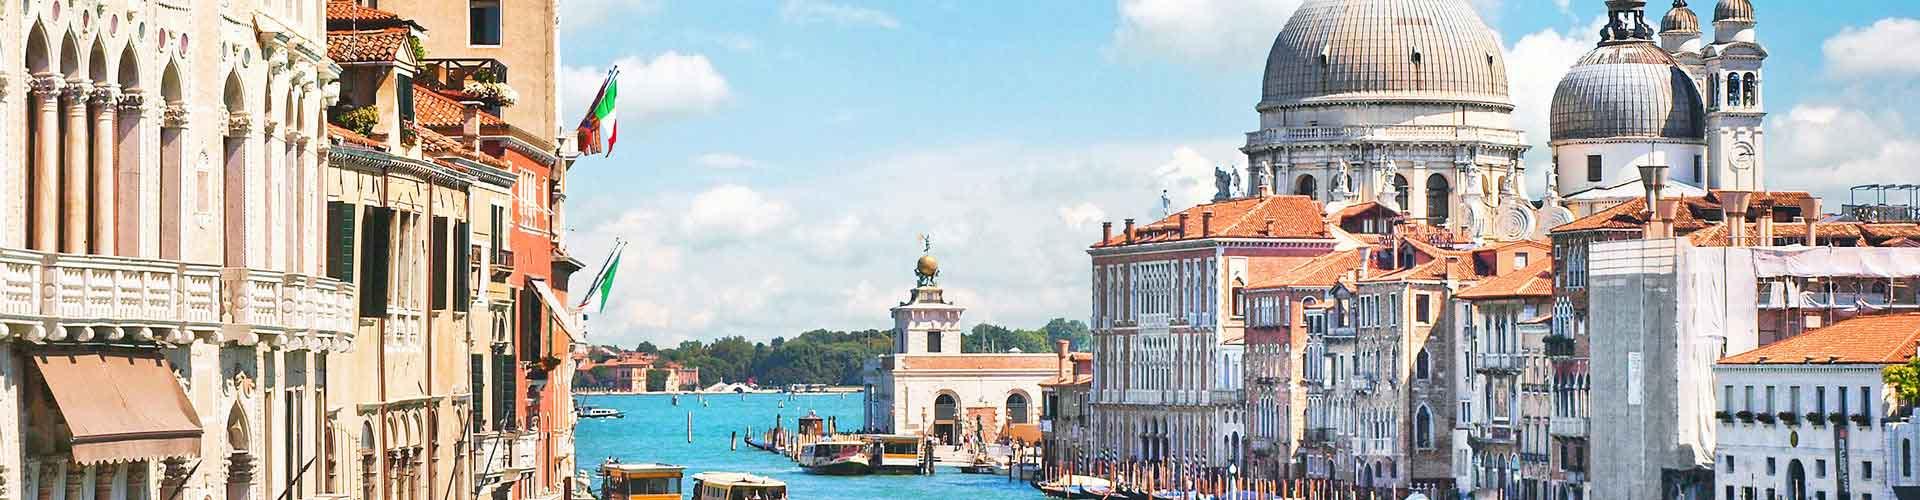 Velence - Ifjúsági Szállások Velenceben. Velence térképek, fotók és ajánlások minden egyes ifjúsági szállásokra Velence-ben.